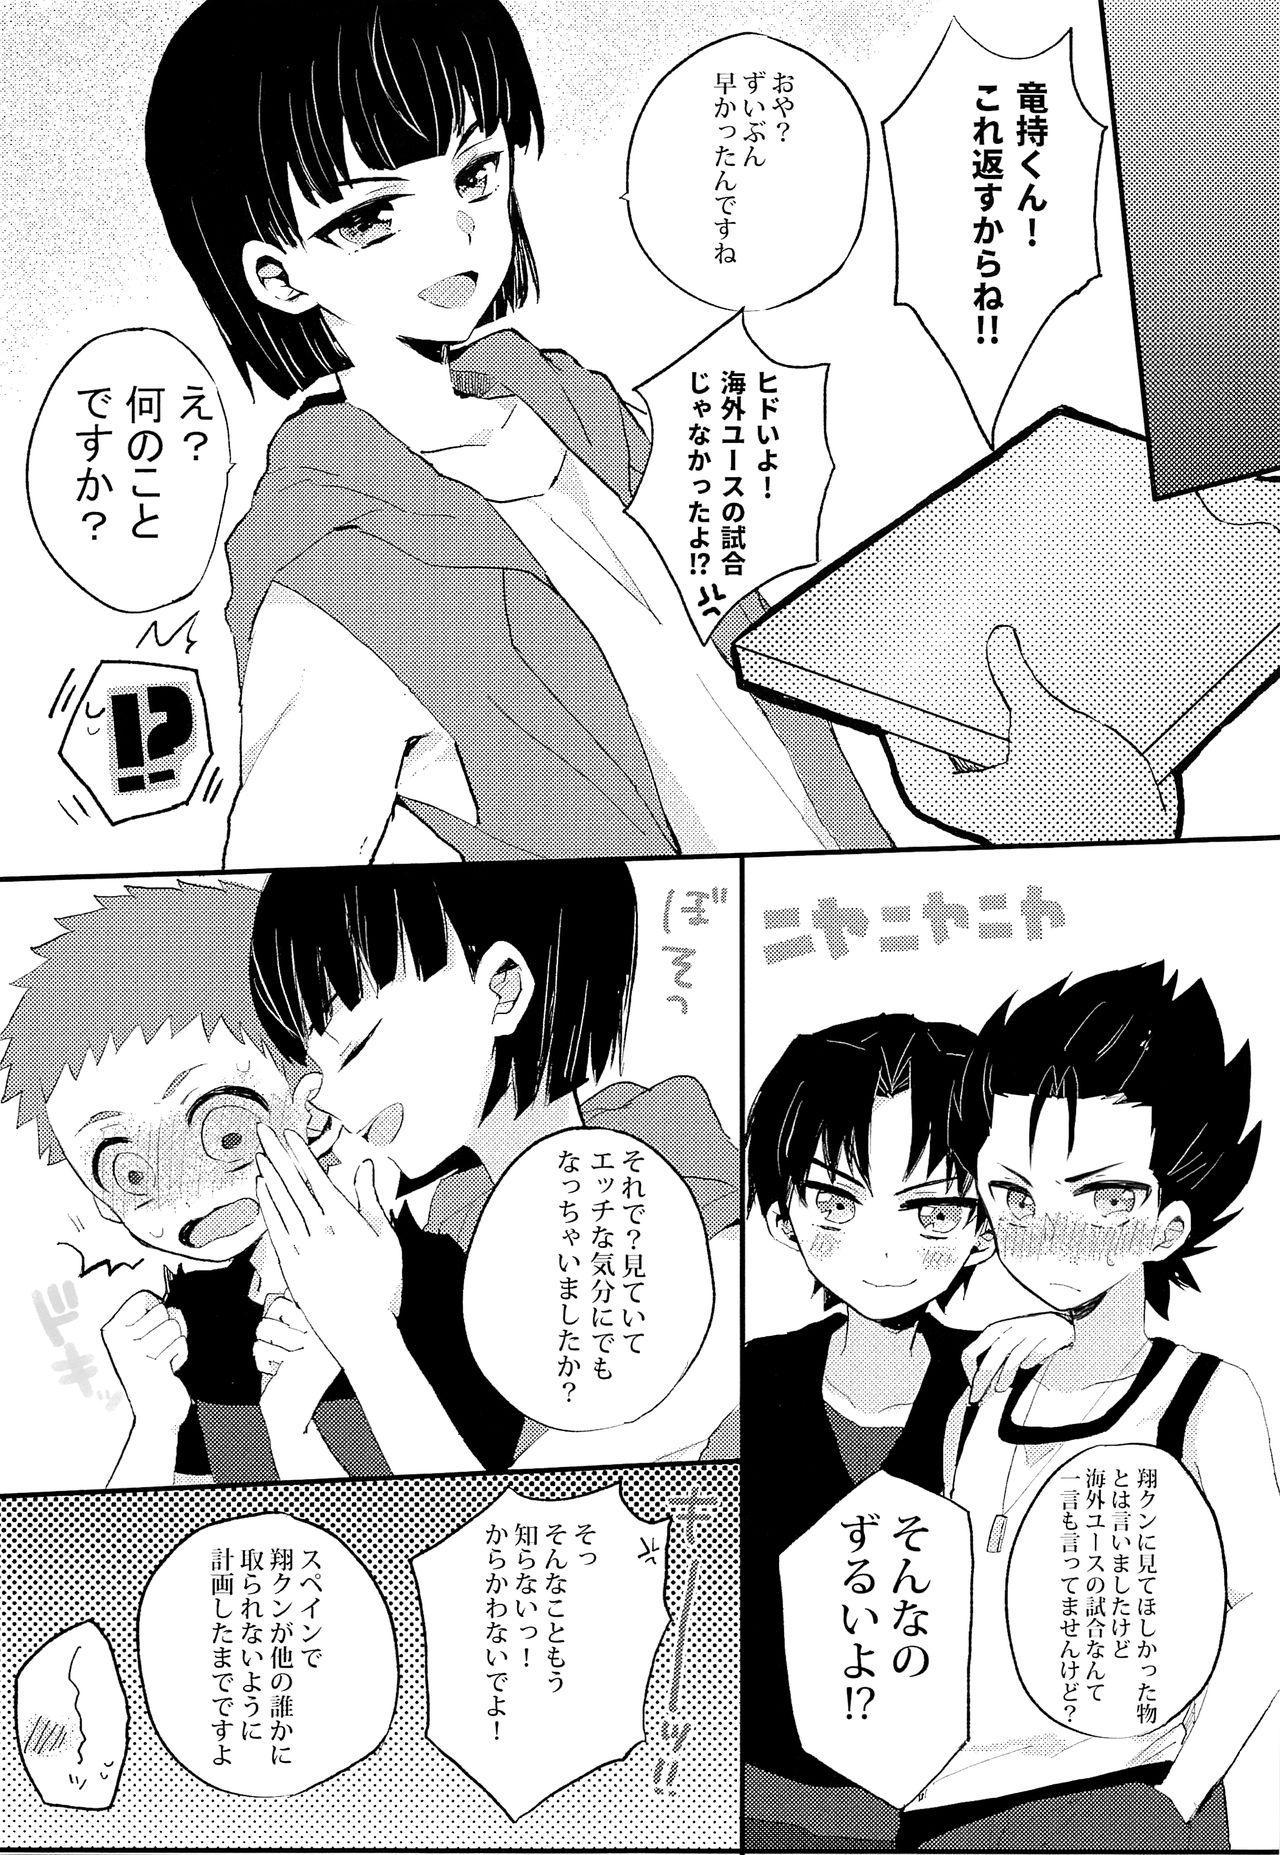 Himitsu no daisuki 17